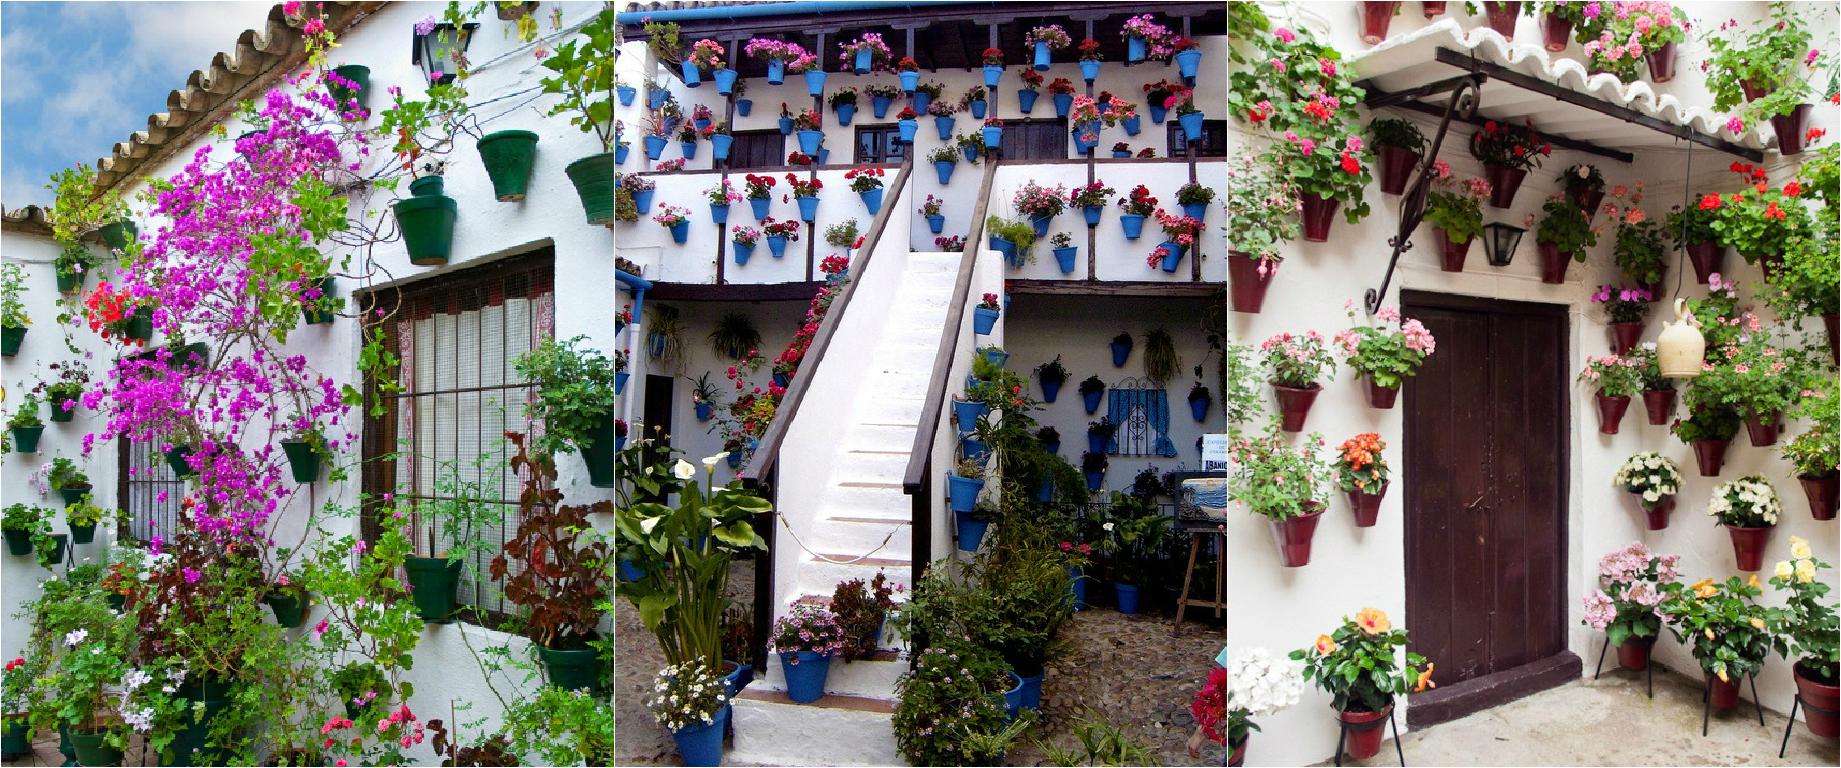 Festival in patio